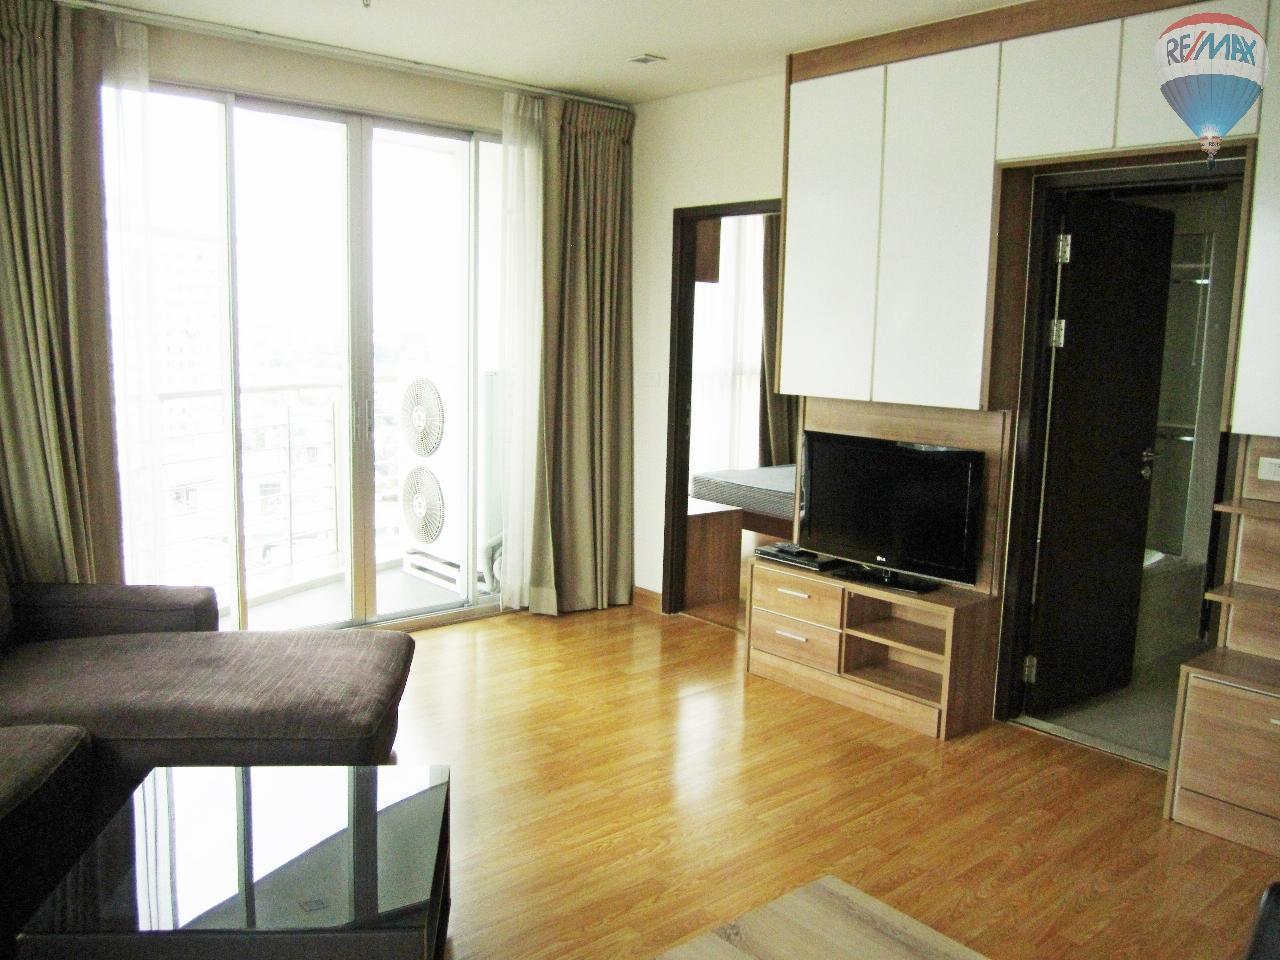 RE/MAX Properties Agency's Condominium for rent 1 bedroom 52 Sq.m. at Le Luk condominium  3